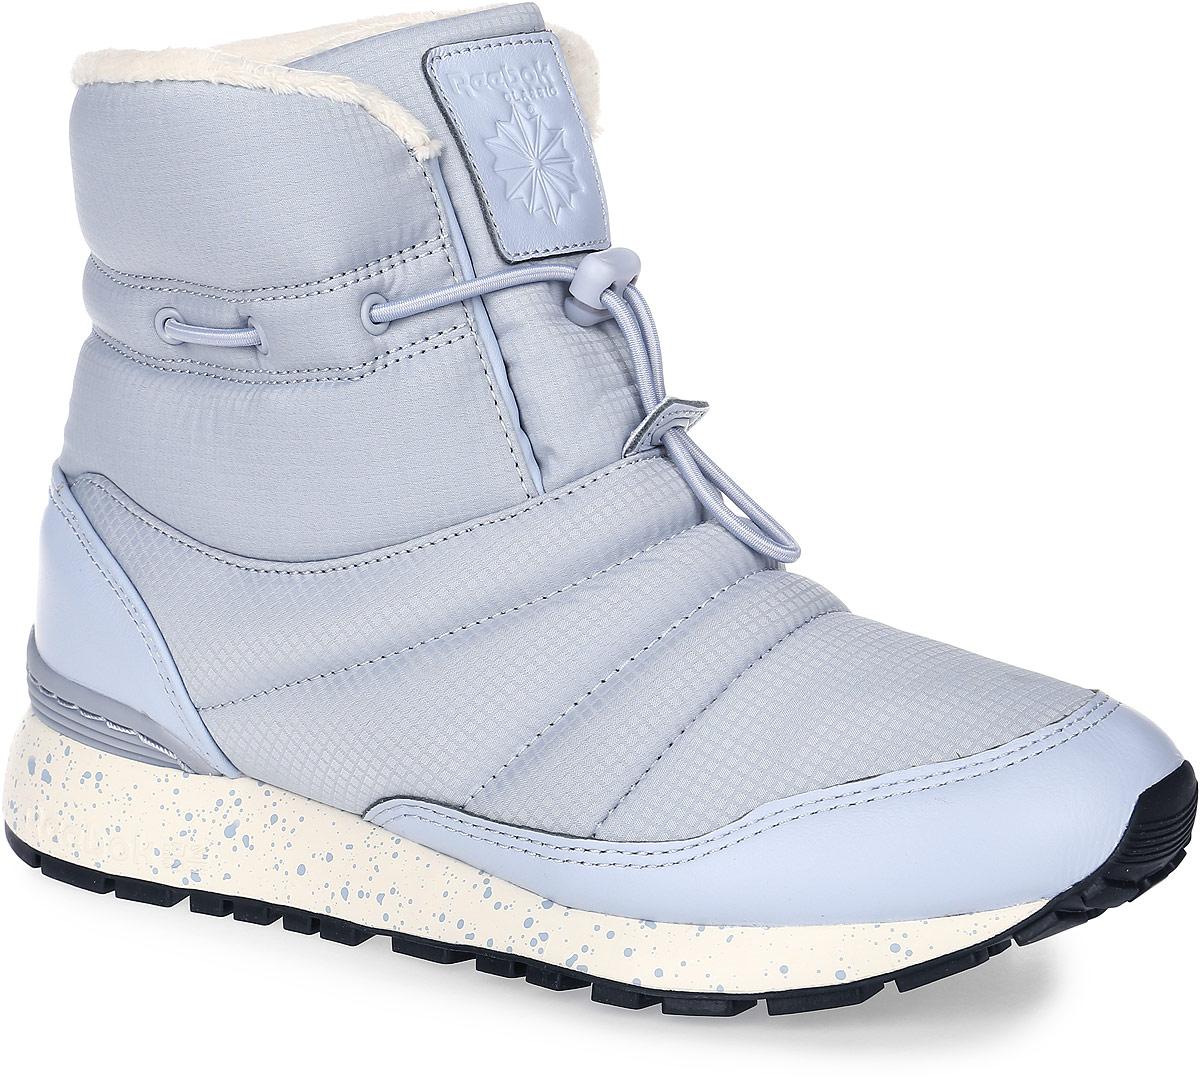 Полусапоги женские Reebok GL Puff Boot, цвет: серый. AR2647. Размер 9,5 (41)AR2647Снег и слякоть - не повод отказываться от прогулок. Полусапоги GL Puff Boot от Reebok - как раз то, что нужно для такой погоды. Оригинальная застежка в виде регулируемого шнурка, высокий дизайн и подкладка гарантируют тепло.Модель выполнена из ткани с влагоотталкивающим покрытием и кожаными вставками в области пятки и мыска. Подкладка Thinsulate и искусственный мех обеспечивают мягкость и тепло. Легкая литая промежуточная подошва из ЭВА обеспечивает оптимальную амортизацию. Стойкая к истиранию, прочная резиновая подошва гарантирует отличное сцепление с поверхностью.